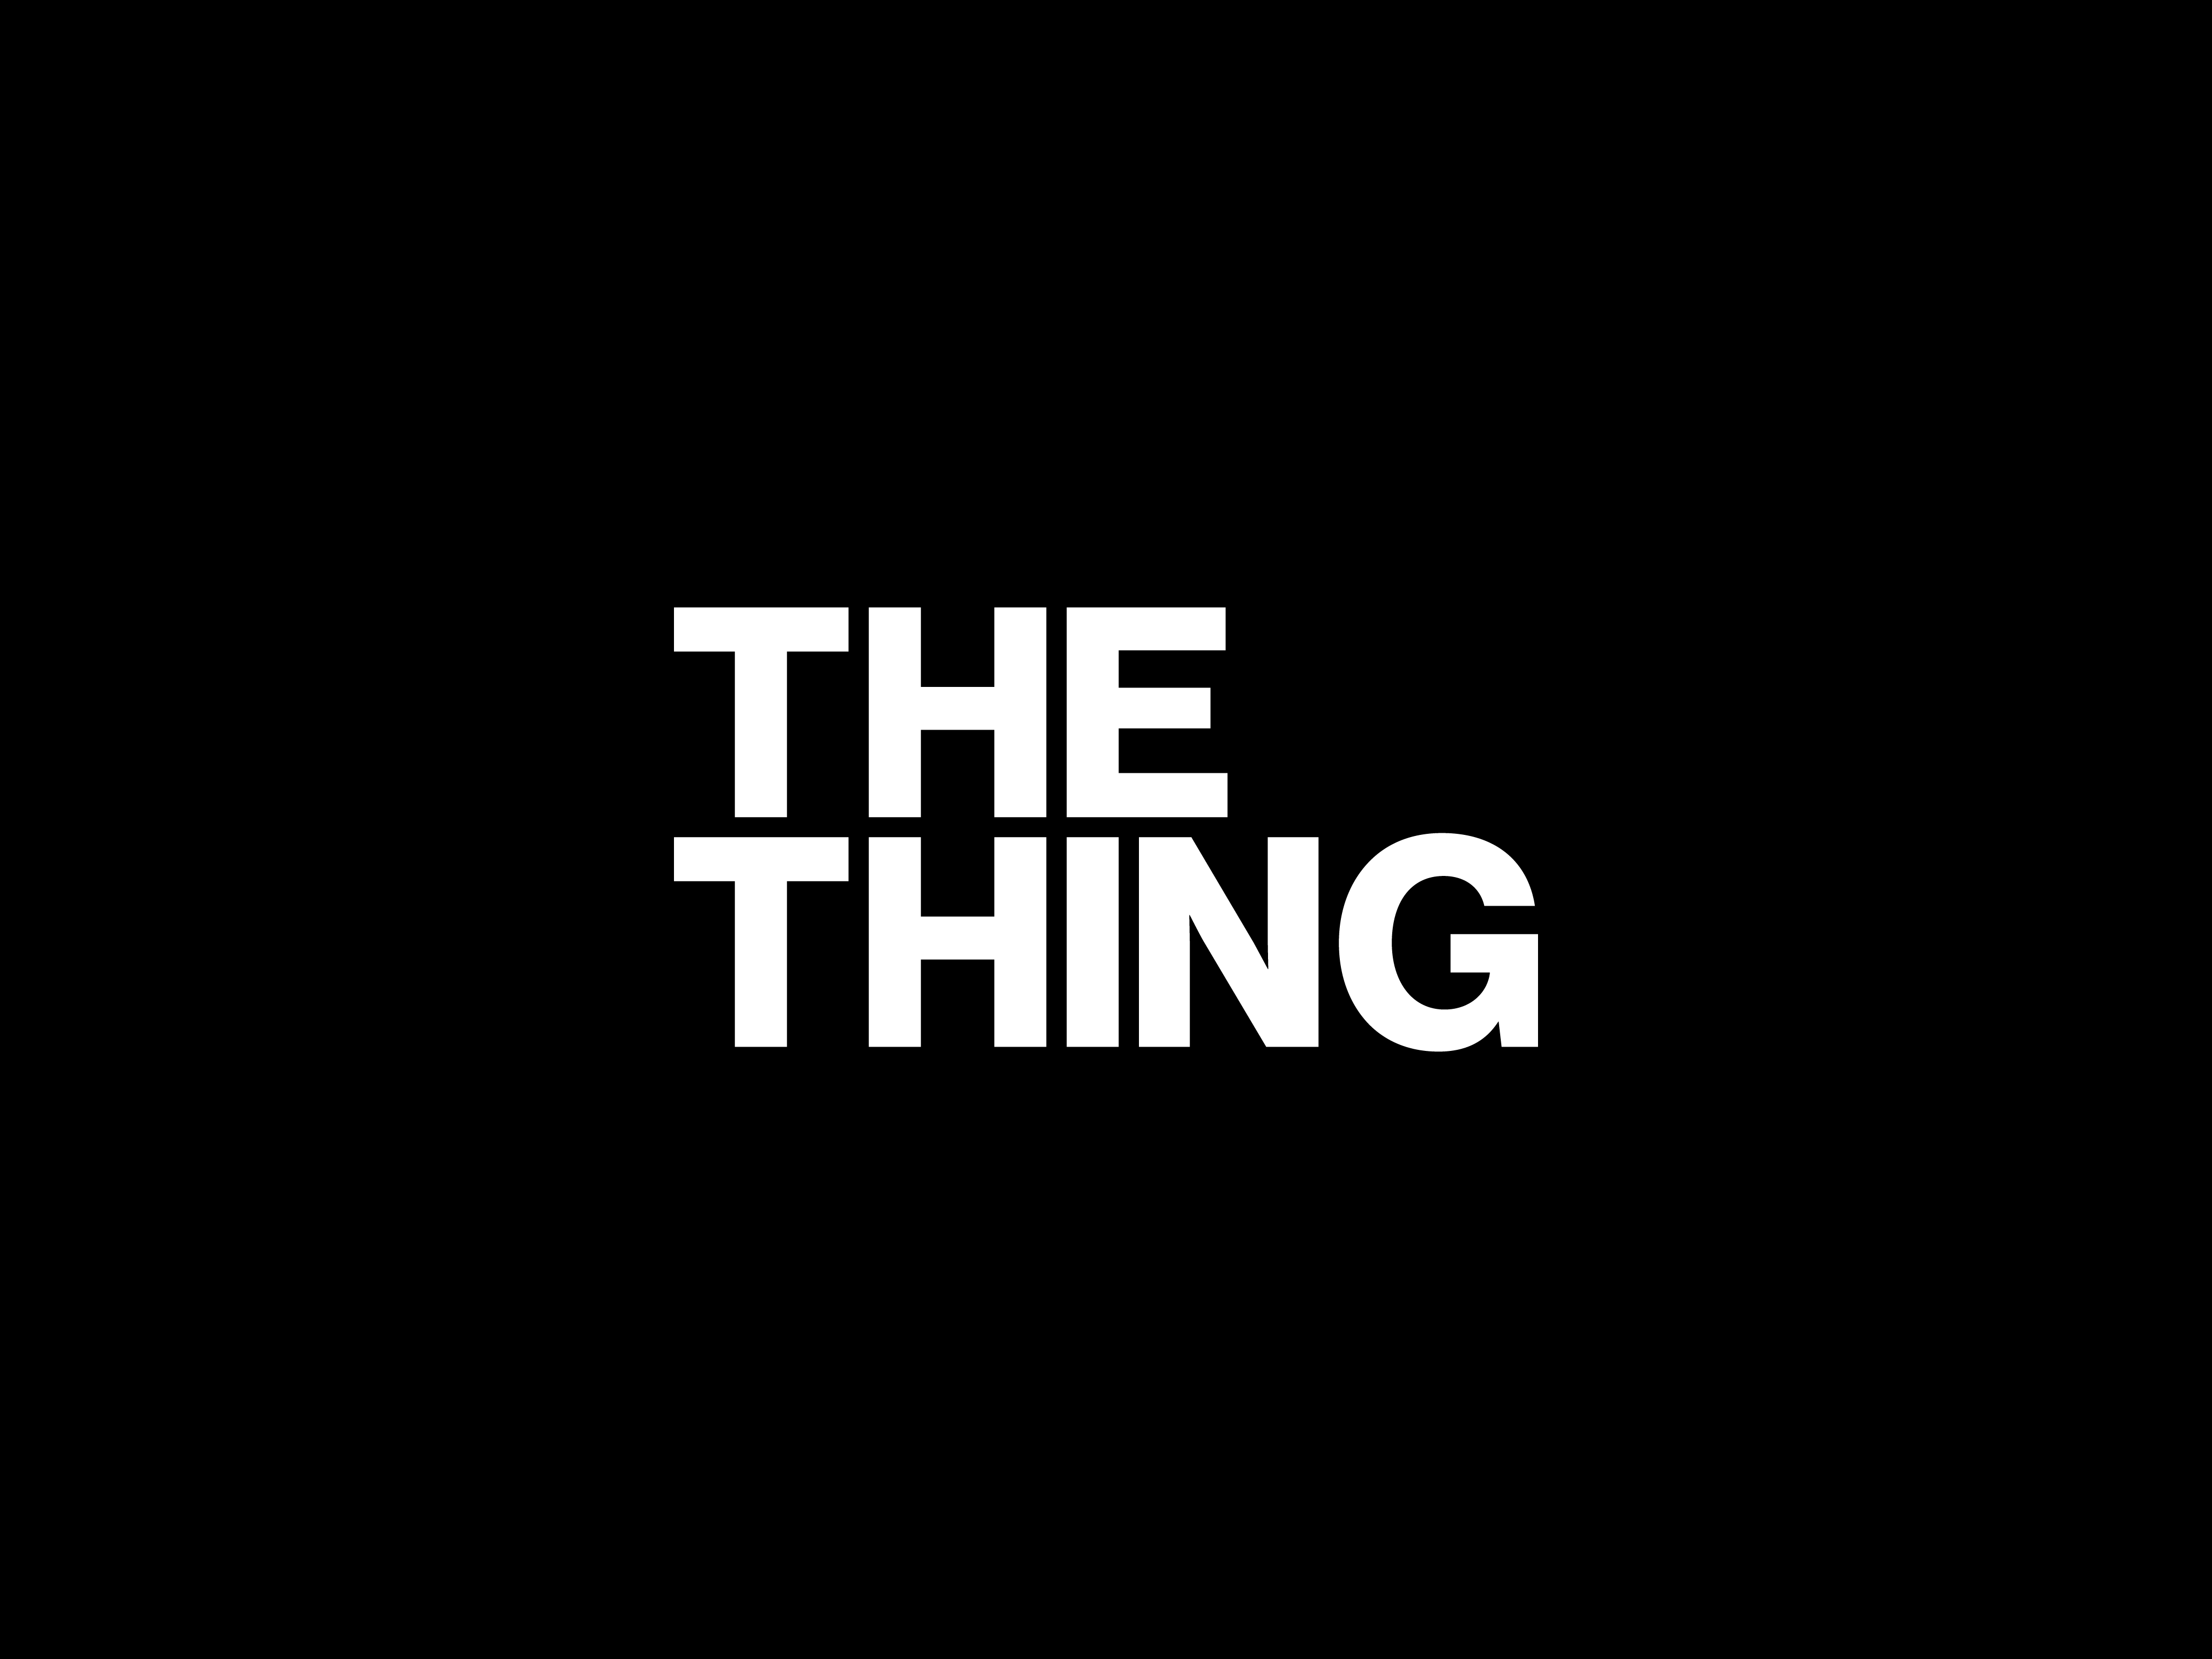 thething@2x